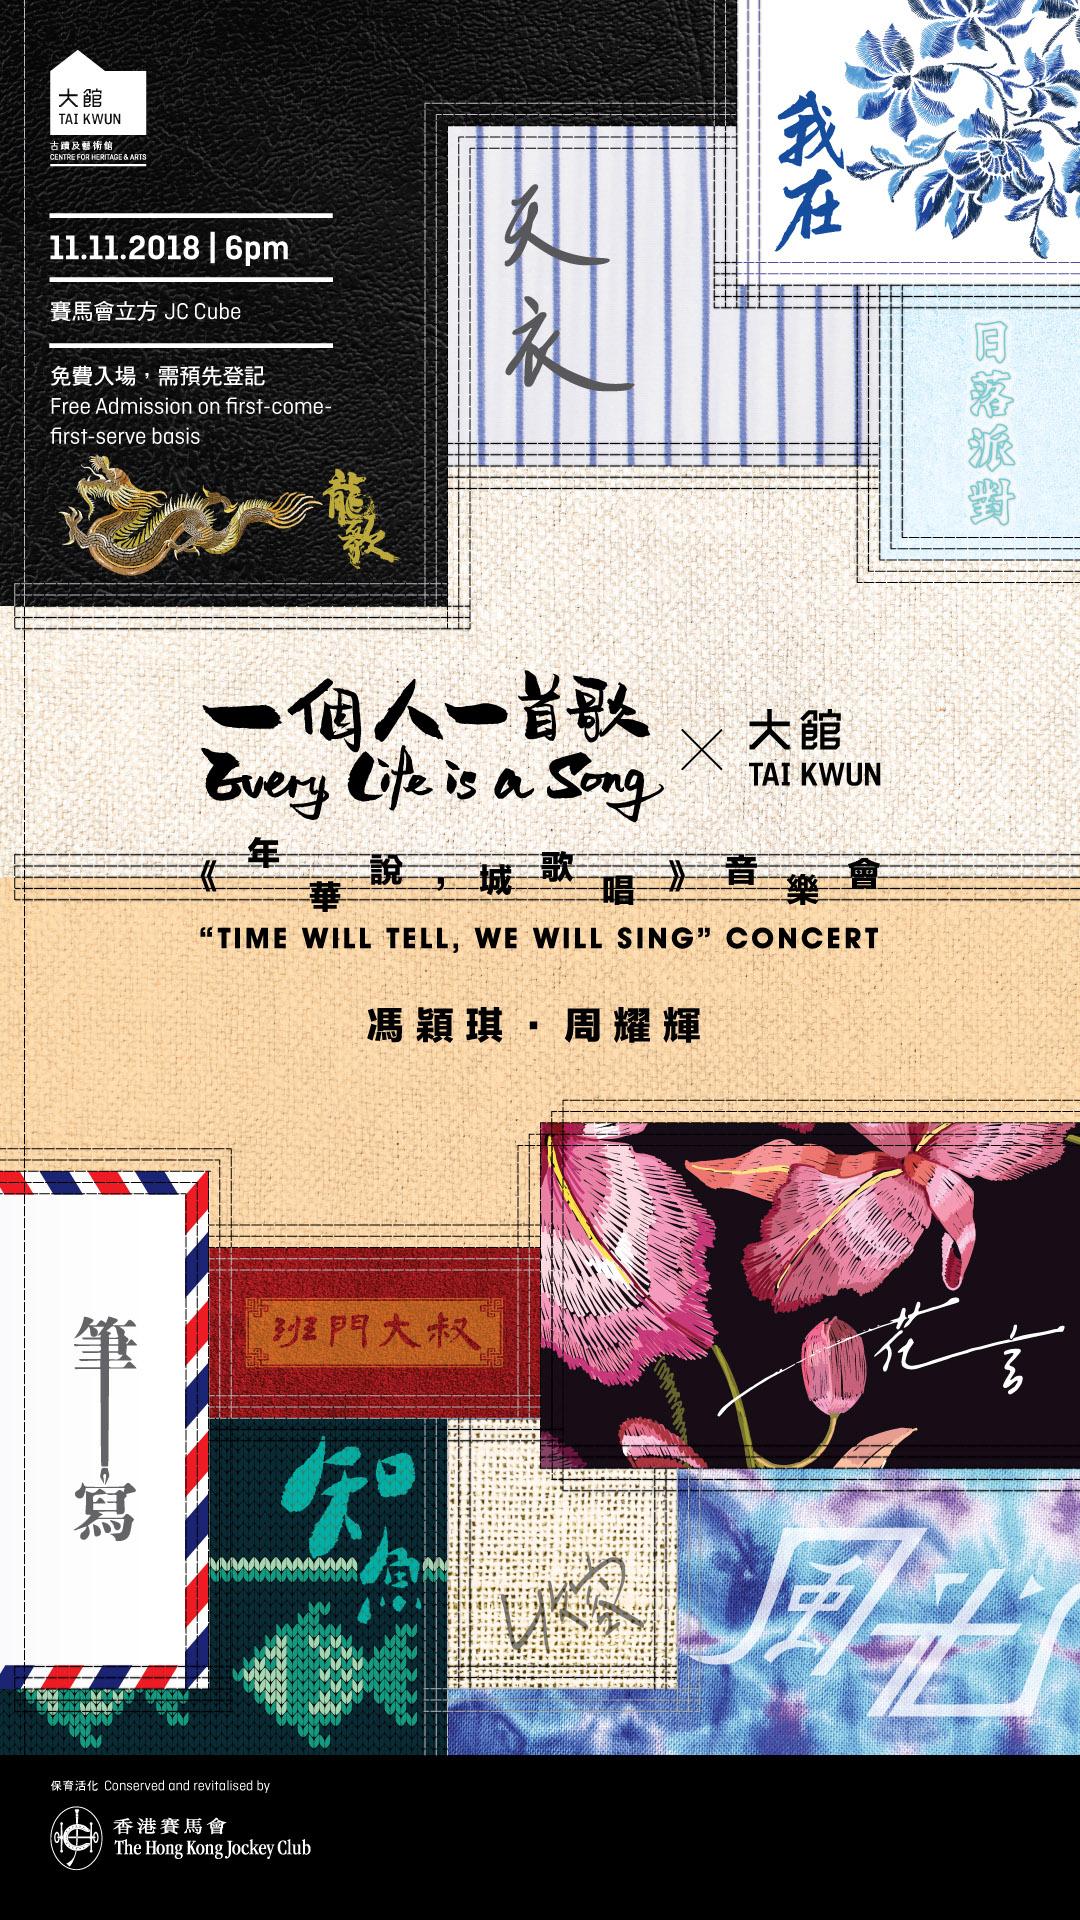 創作團隊將於11月11日在大館演出《班門大叔》一曲。